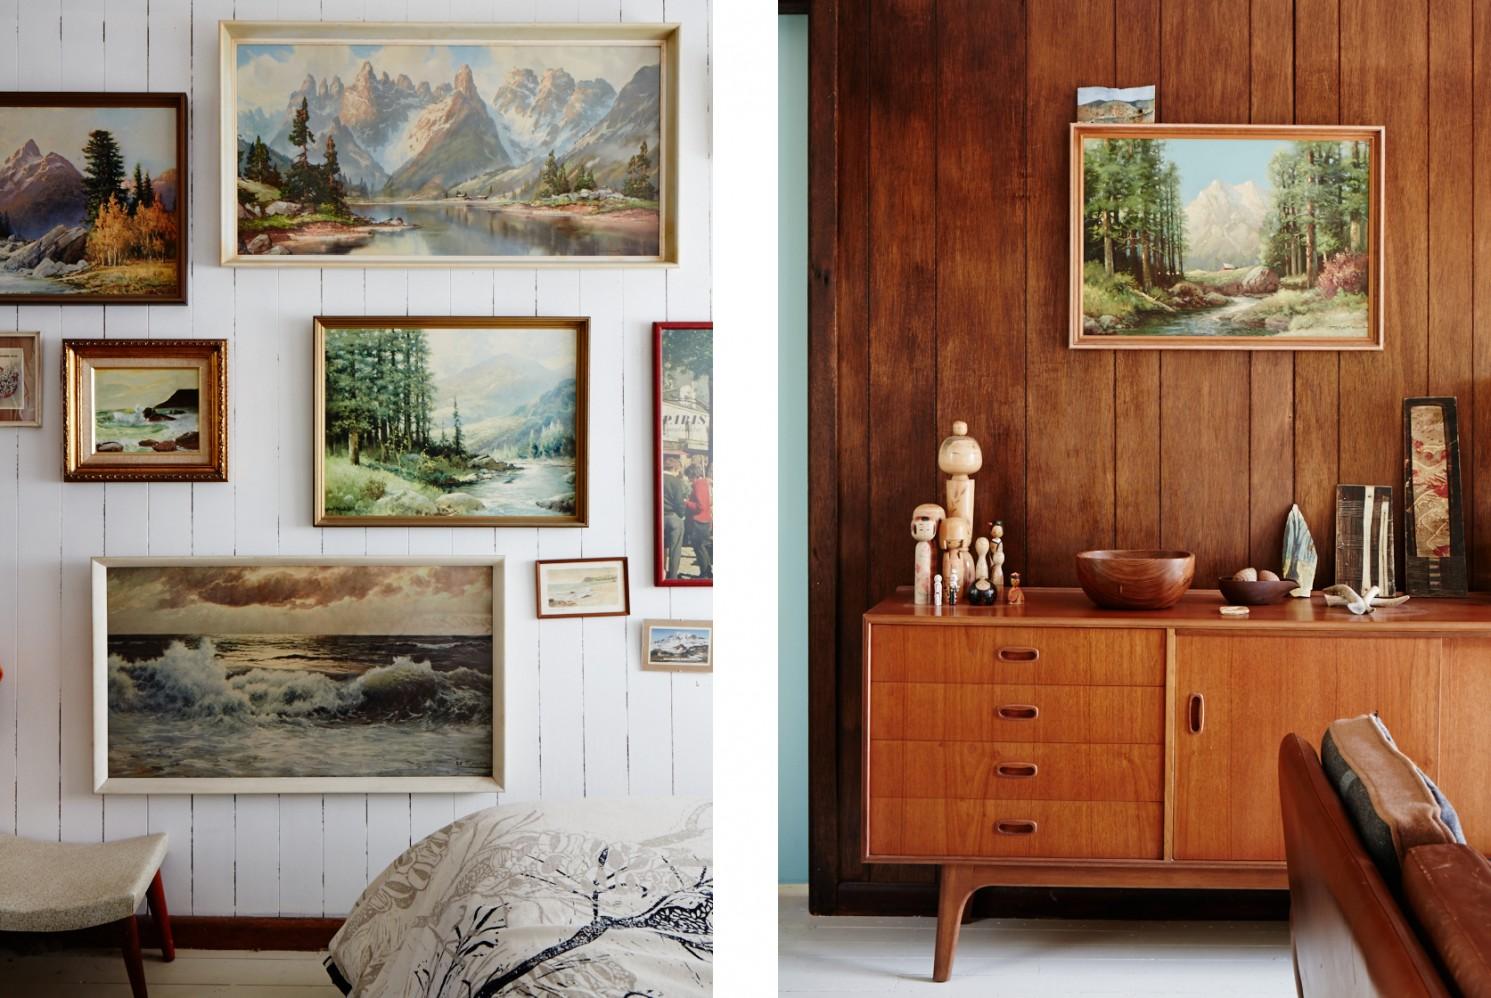 Sean-Fennessy-Interiors-Domestic-210